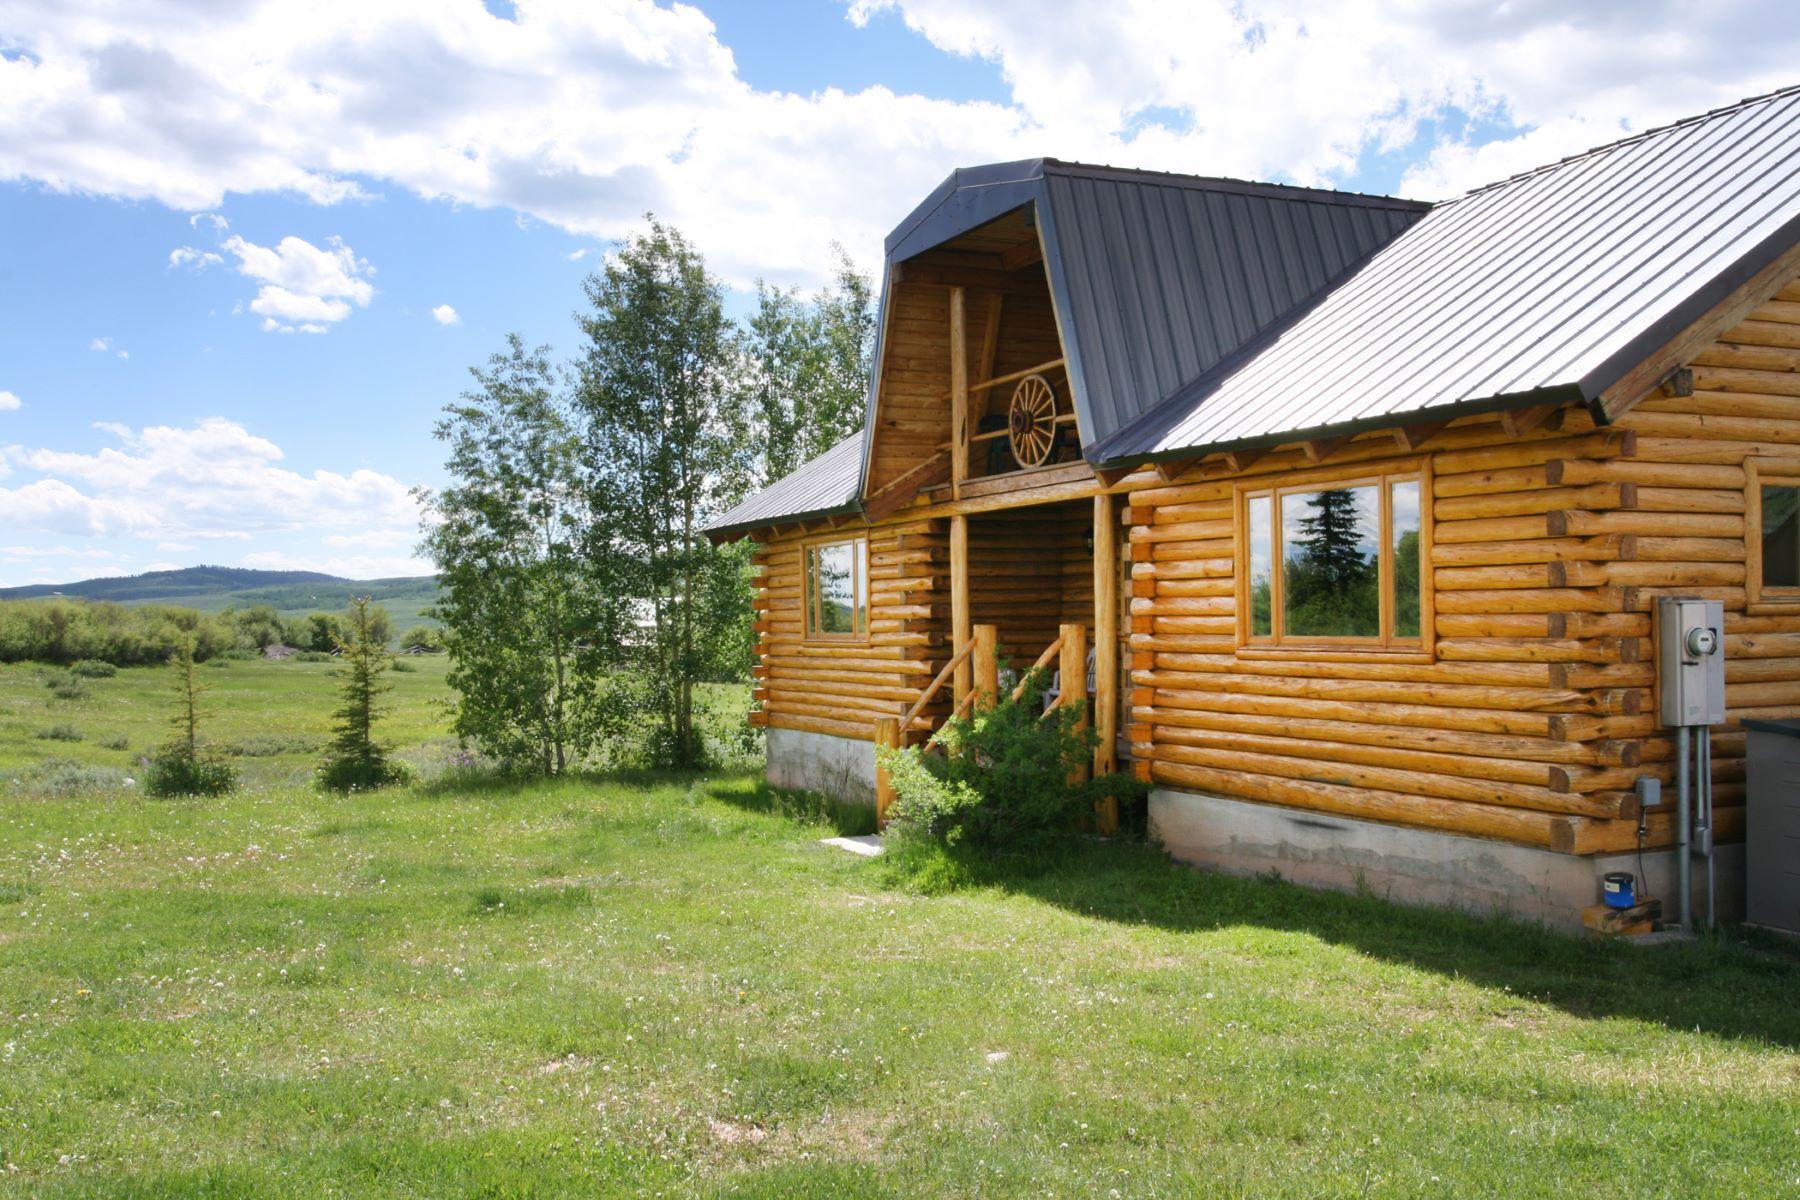 Maison unifamiliale pour l Vente à Cabin Near Green River Lake 33 Gypsum Creek Road Cora, Wyoming, 82925 Jackson Hole, États-Unis